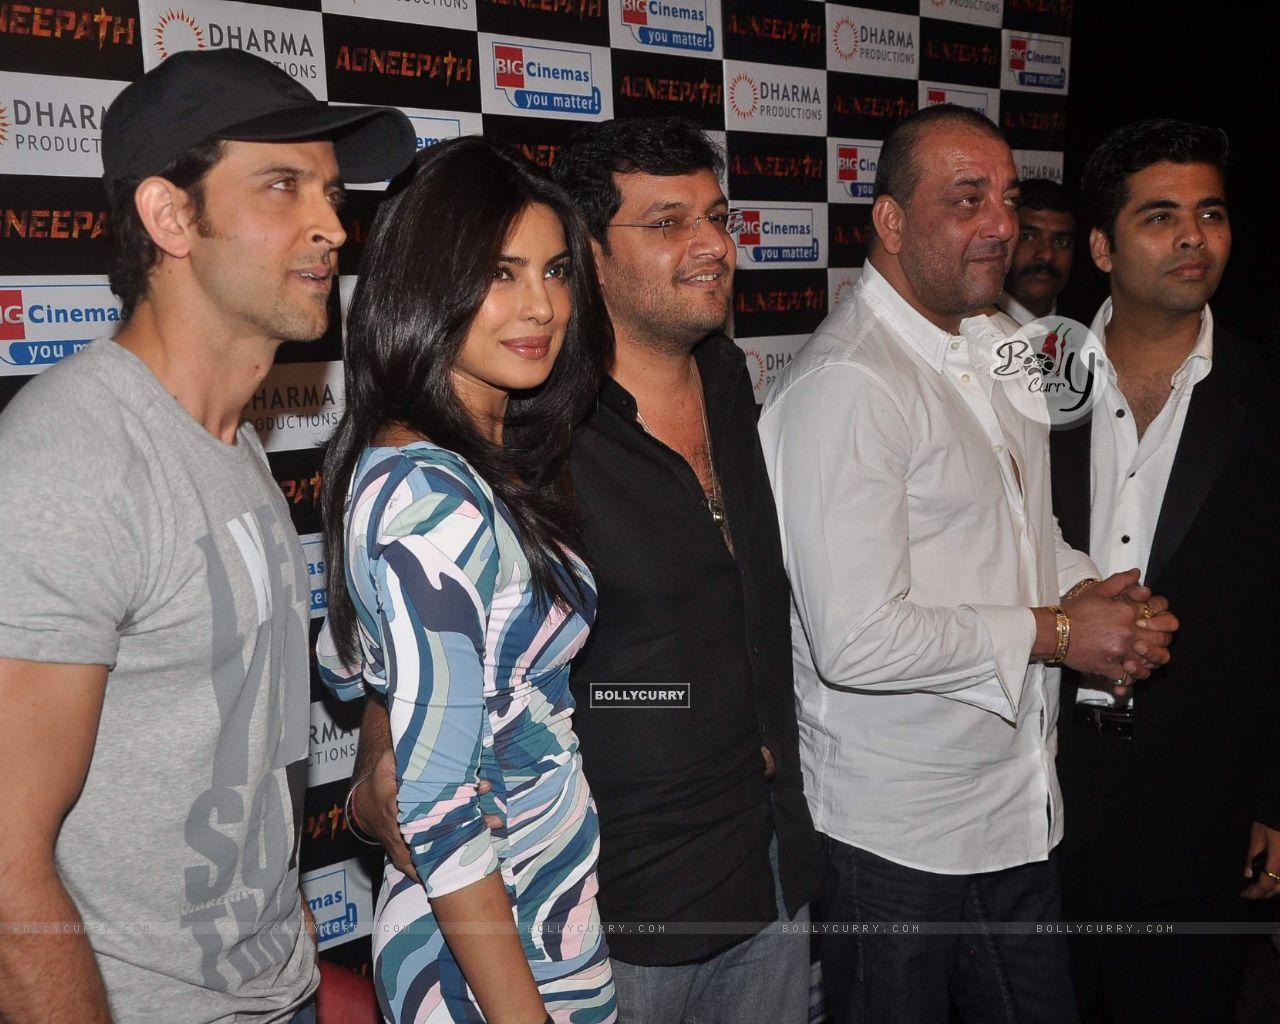 wallpaper - hrithik roshan, sanjay dutt, priyanka chopra and karan